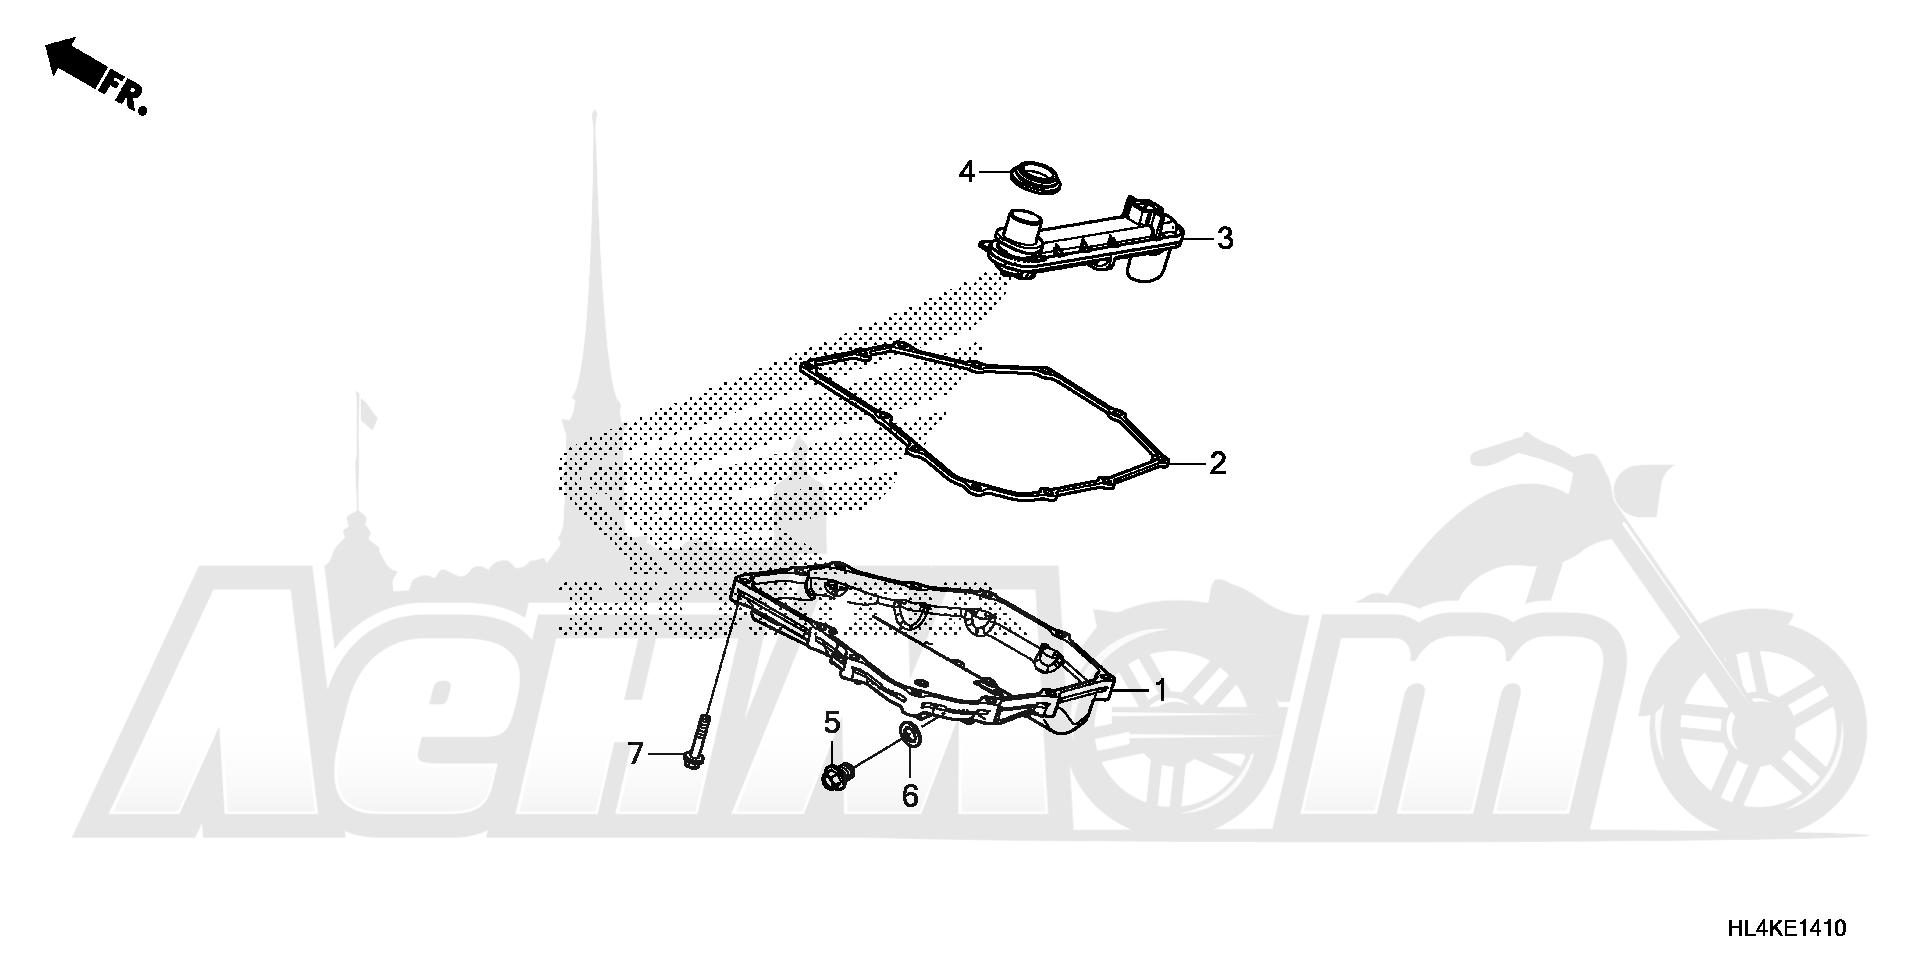 Запчасти для Квадроцикла Honda 2019 SXS1000M5P Раздел: OIL PAN | маслянный поддон